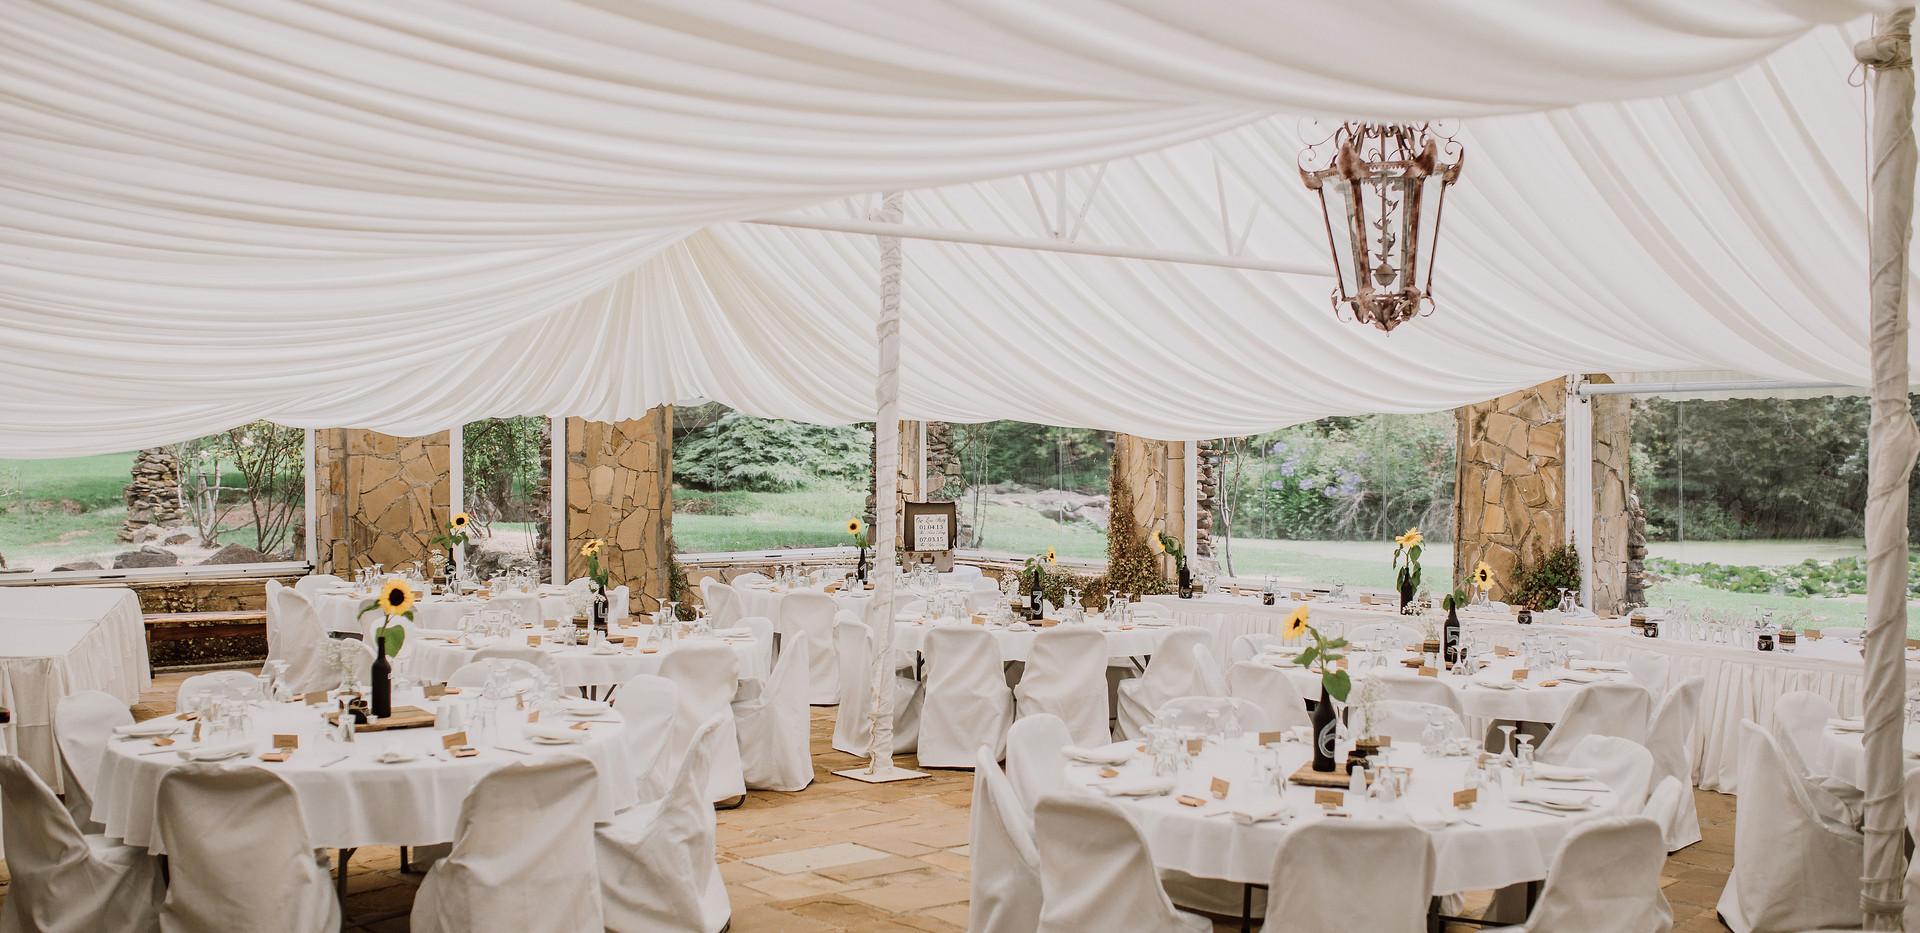 Marquee Wedding reception venue tasmania